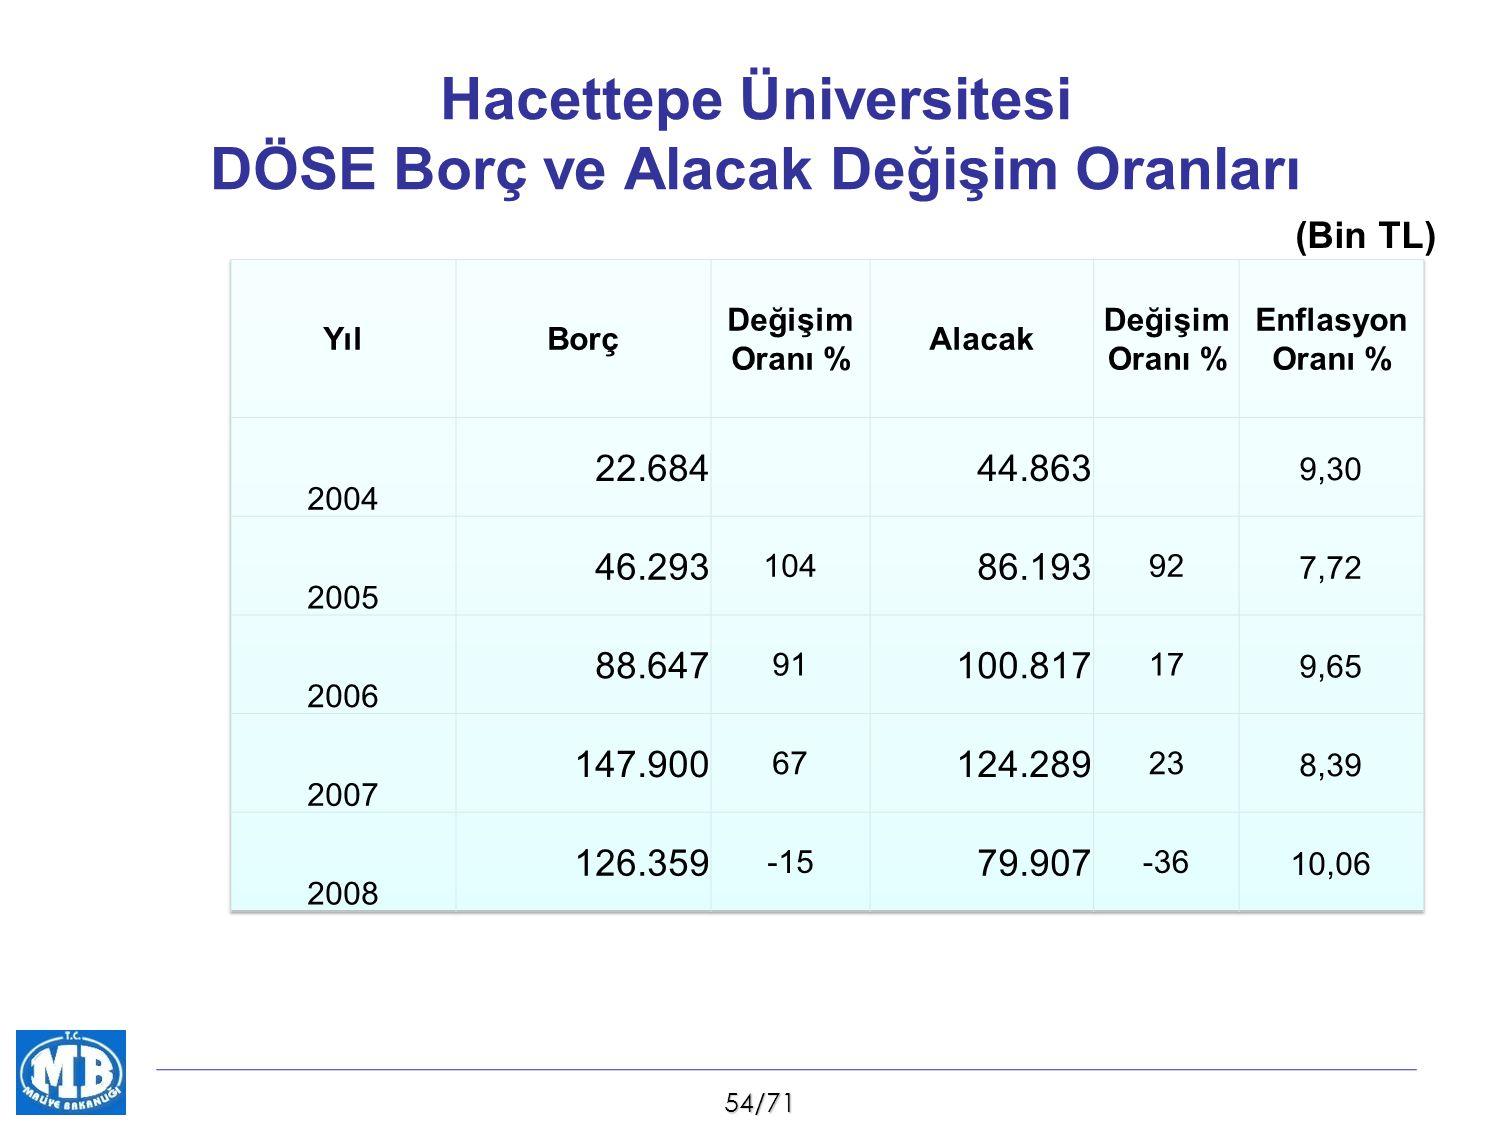 54/71 Hacettepe Üniversitesi DÖSE Borç ve Alacak Değişim Oranları (Bin TL)